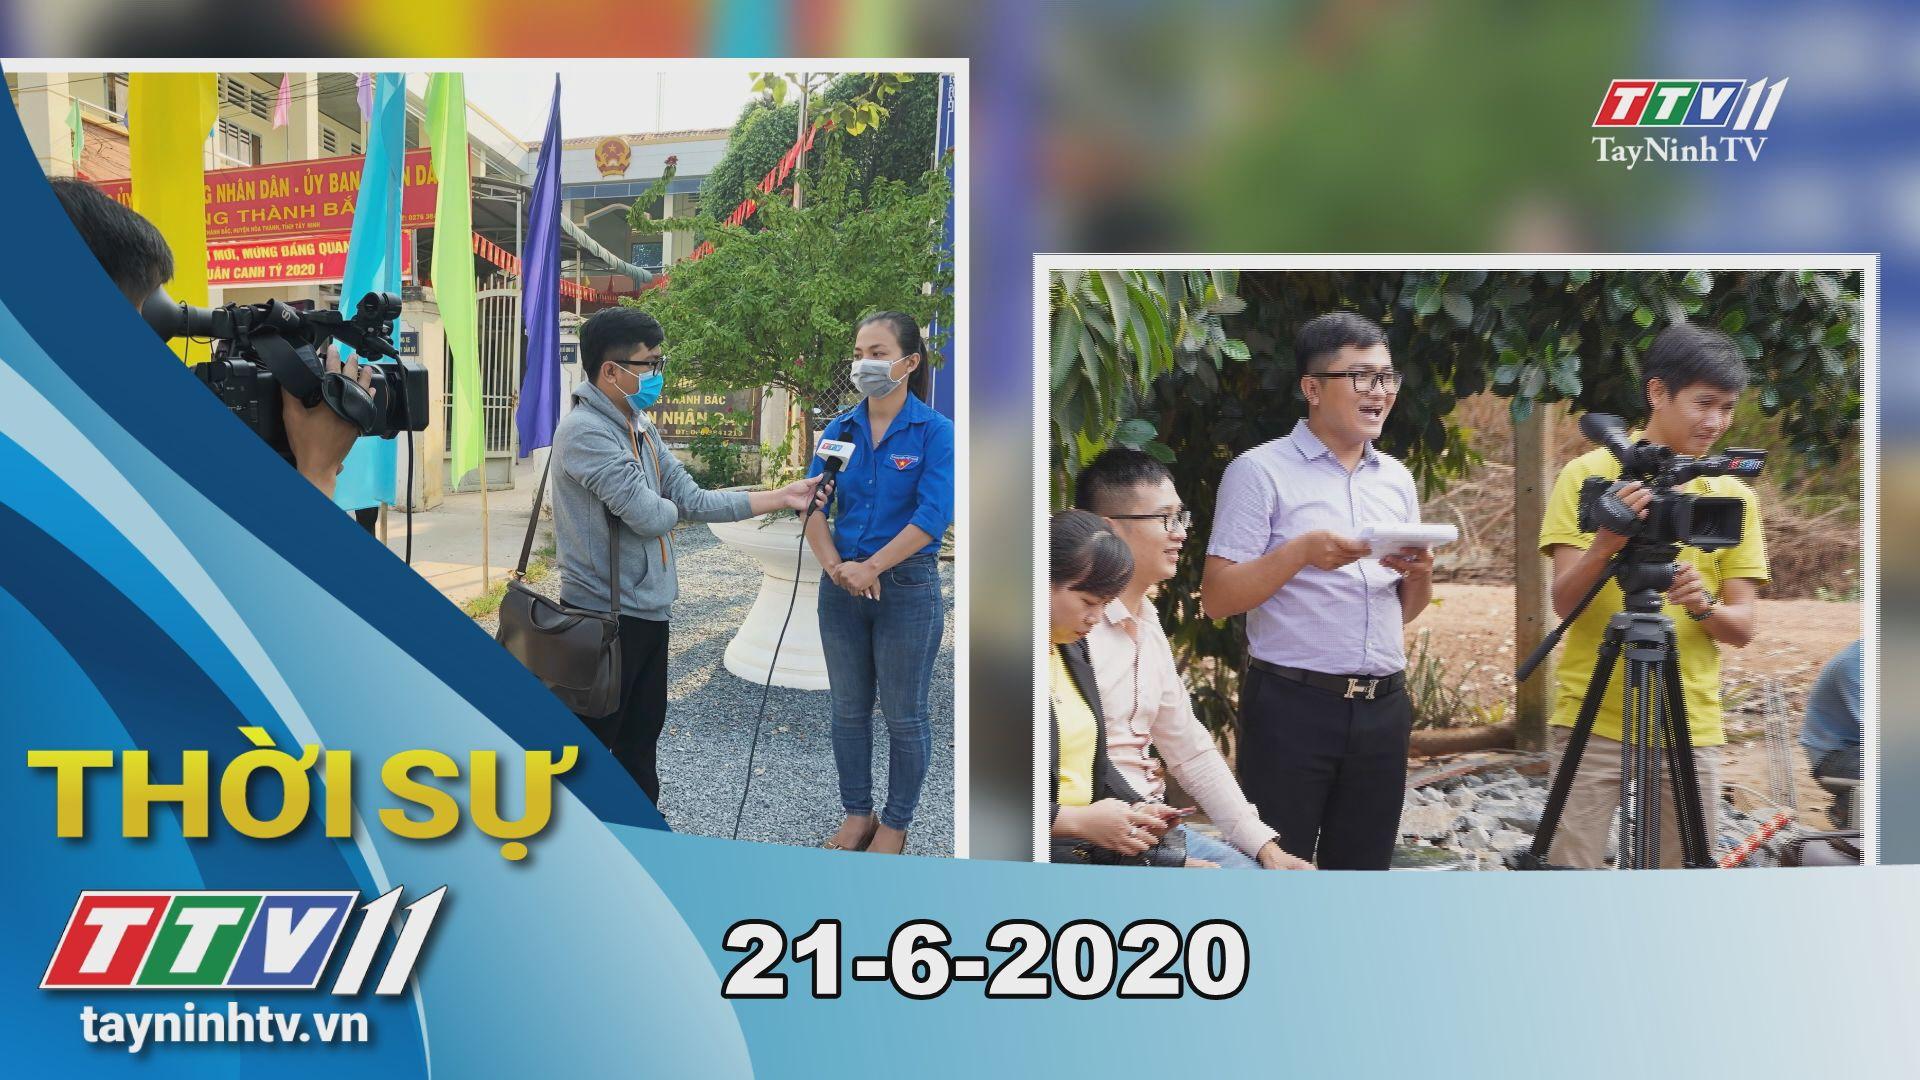 Thời sự Tây Ninh 21-6-2020 | Tin tức hôm nay | TayNinhTV